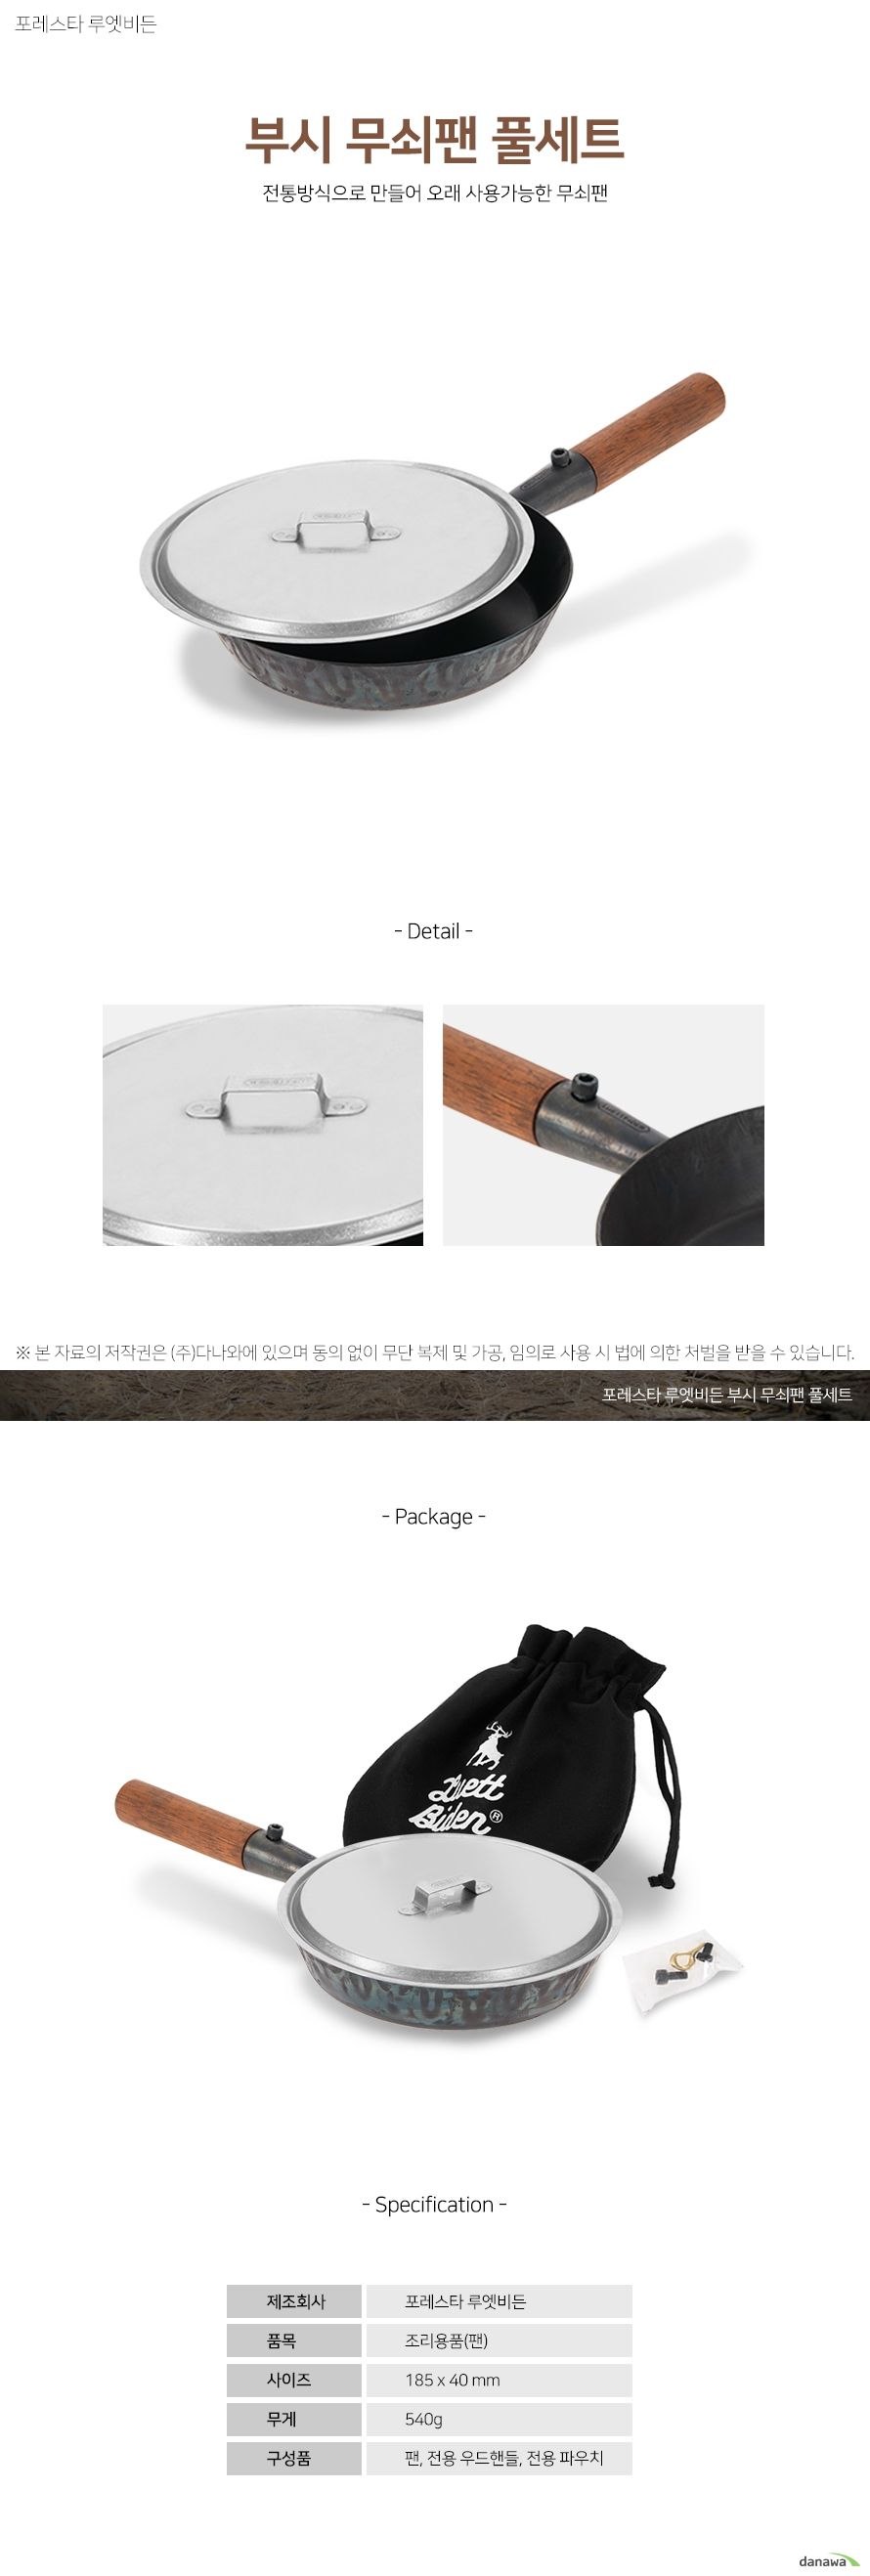 포레스타 루엣비든 부시 무쇠팬 풀세트 전통방식으로 만들어 오래 사용가능한 무쇠팬 제조회사 포레스타 루엣비든 품목 조리용품(팬) 사이즈 185x40mm 무게 540g 구성품 팬, 전용 우드핸들, 전용 파우치